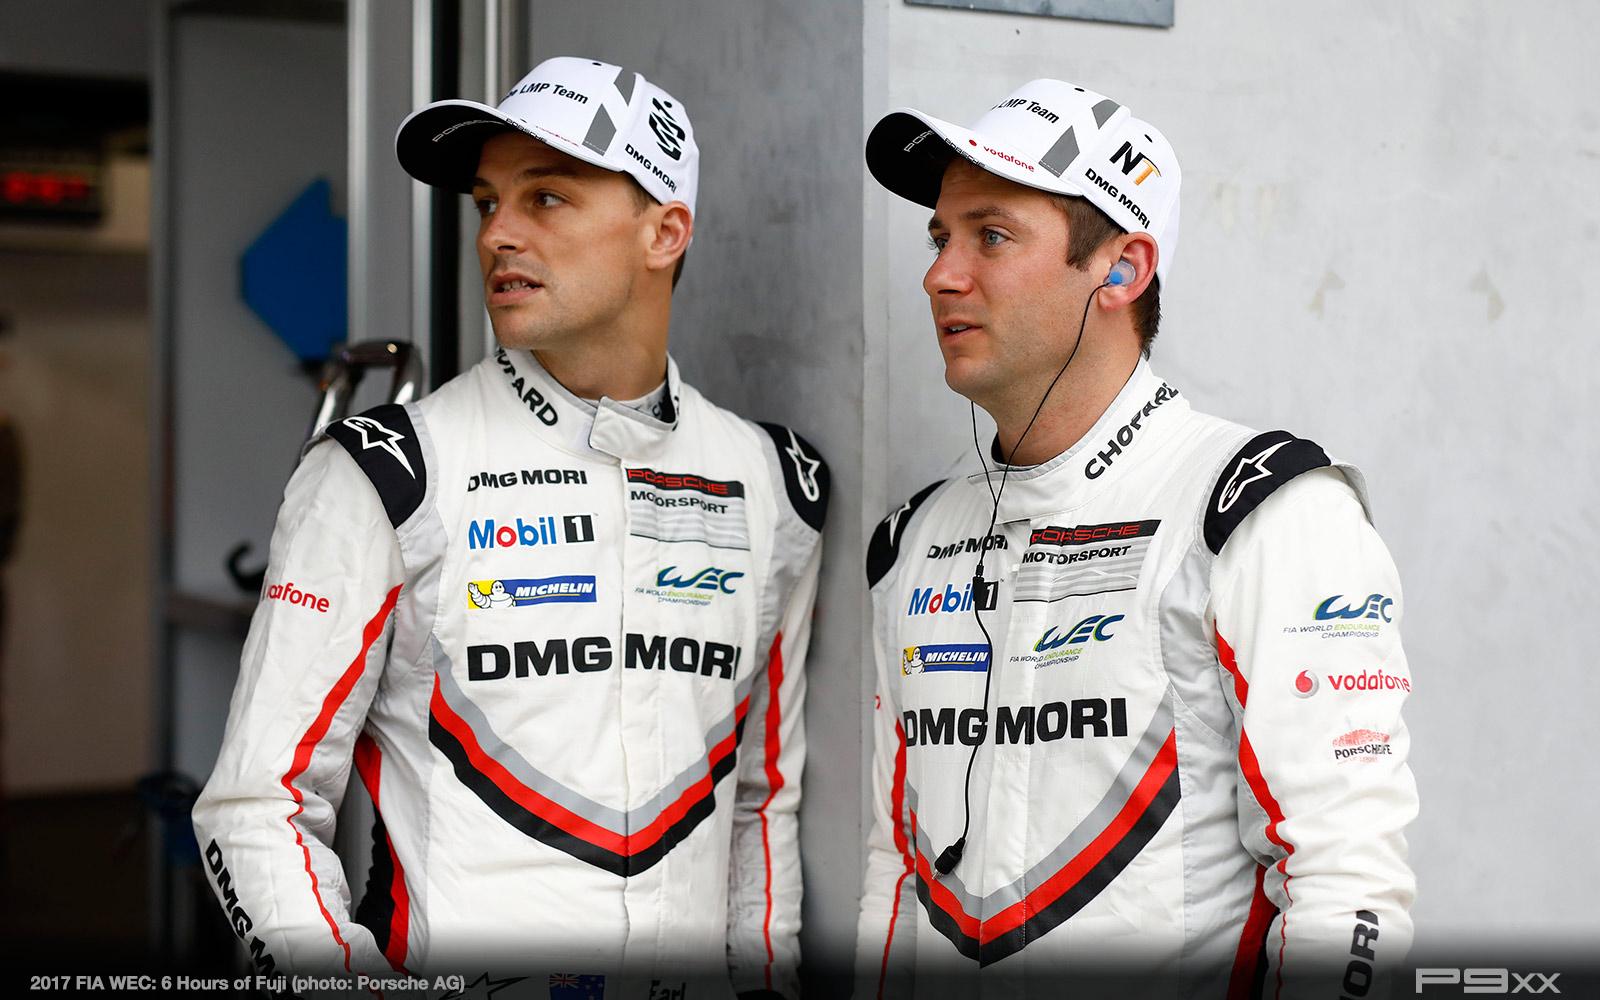 2017-FIA-WEC-6h-of-Fuji-Porsche-363